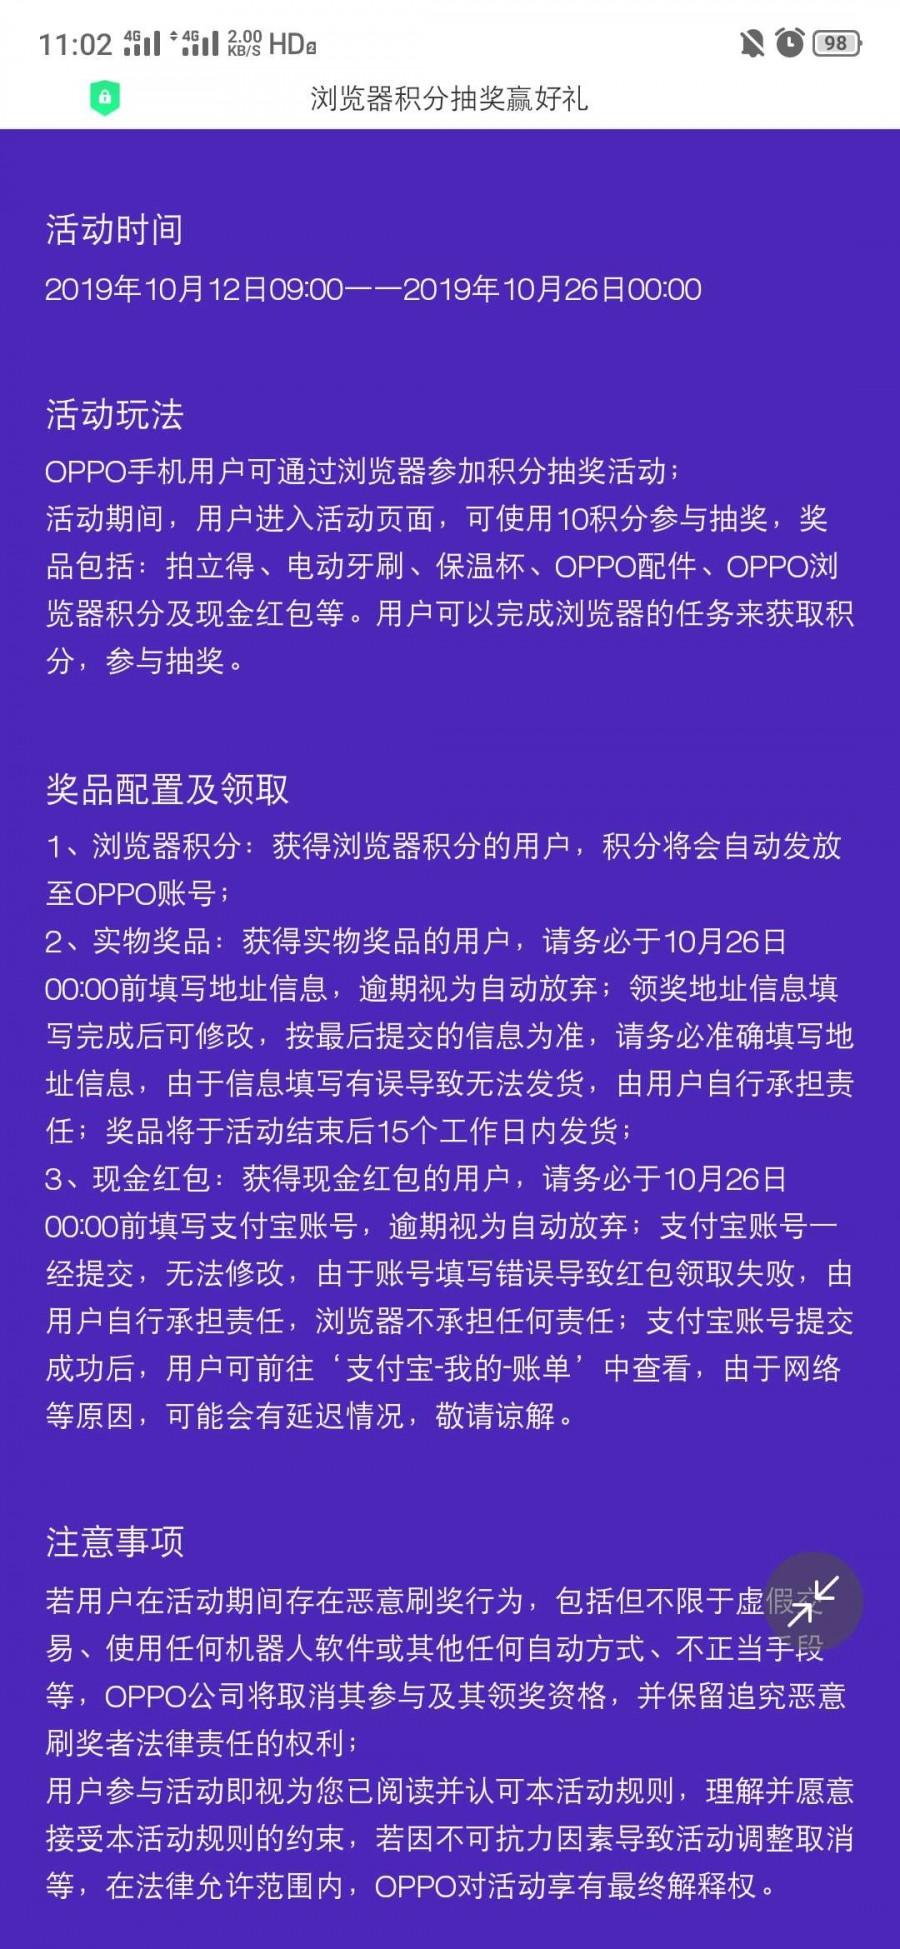 惠小助oppo浏览器积分抽红包-new.juyifx.cn